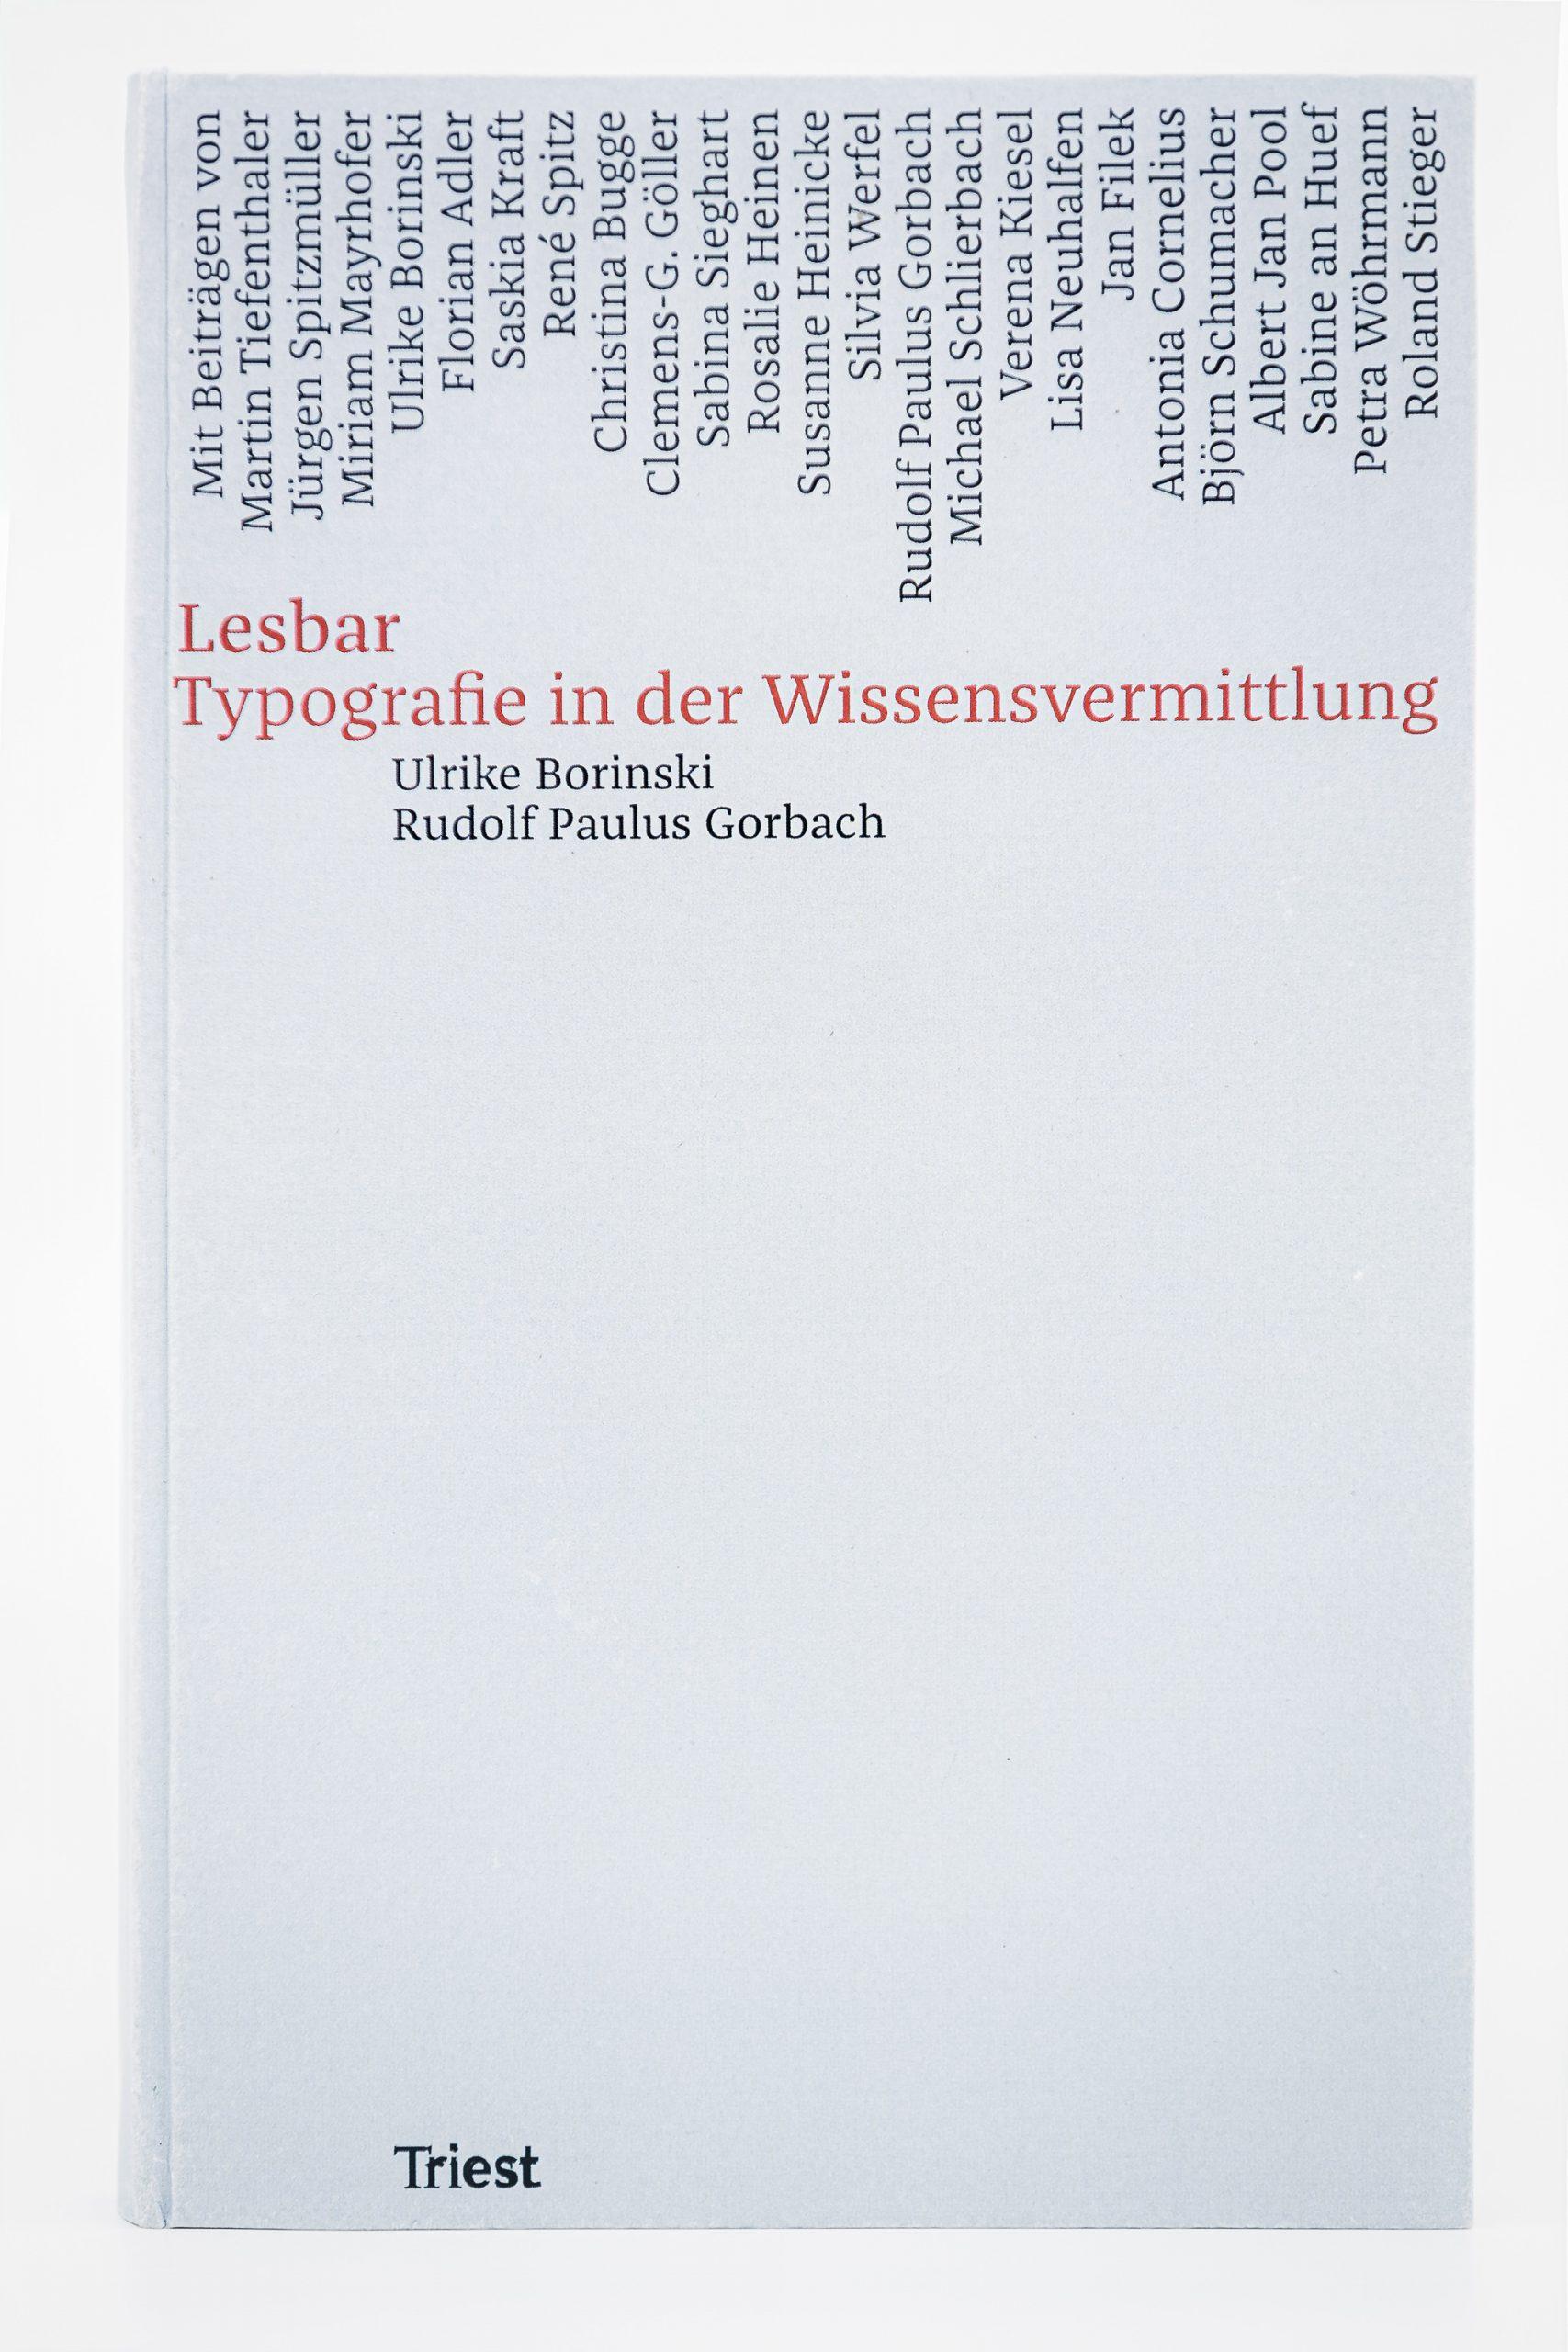 slanted-typografie-in-der-wissenvermittlung-lesbar06